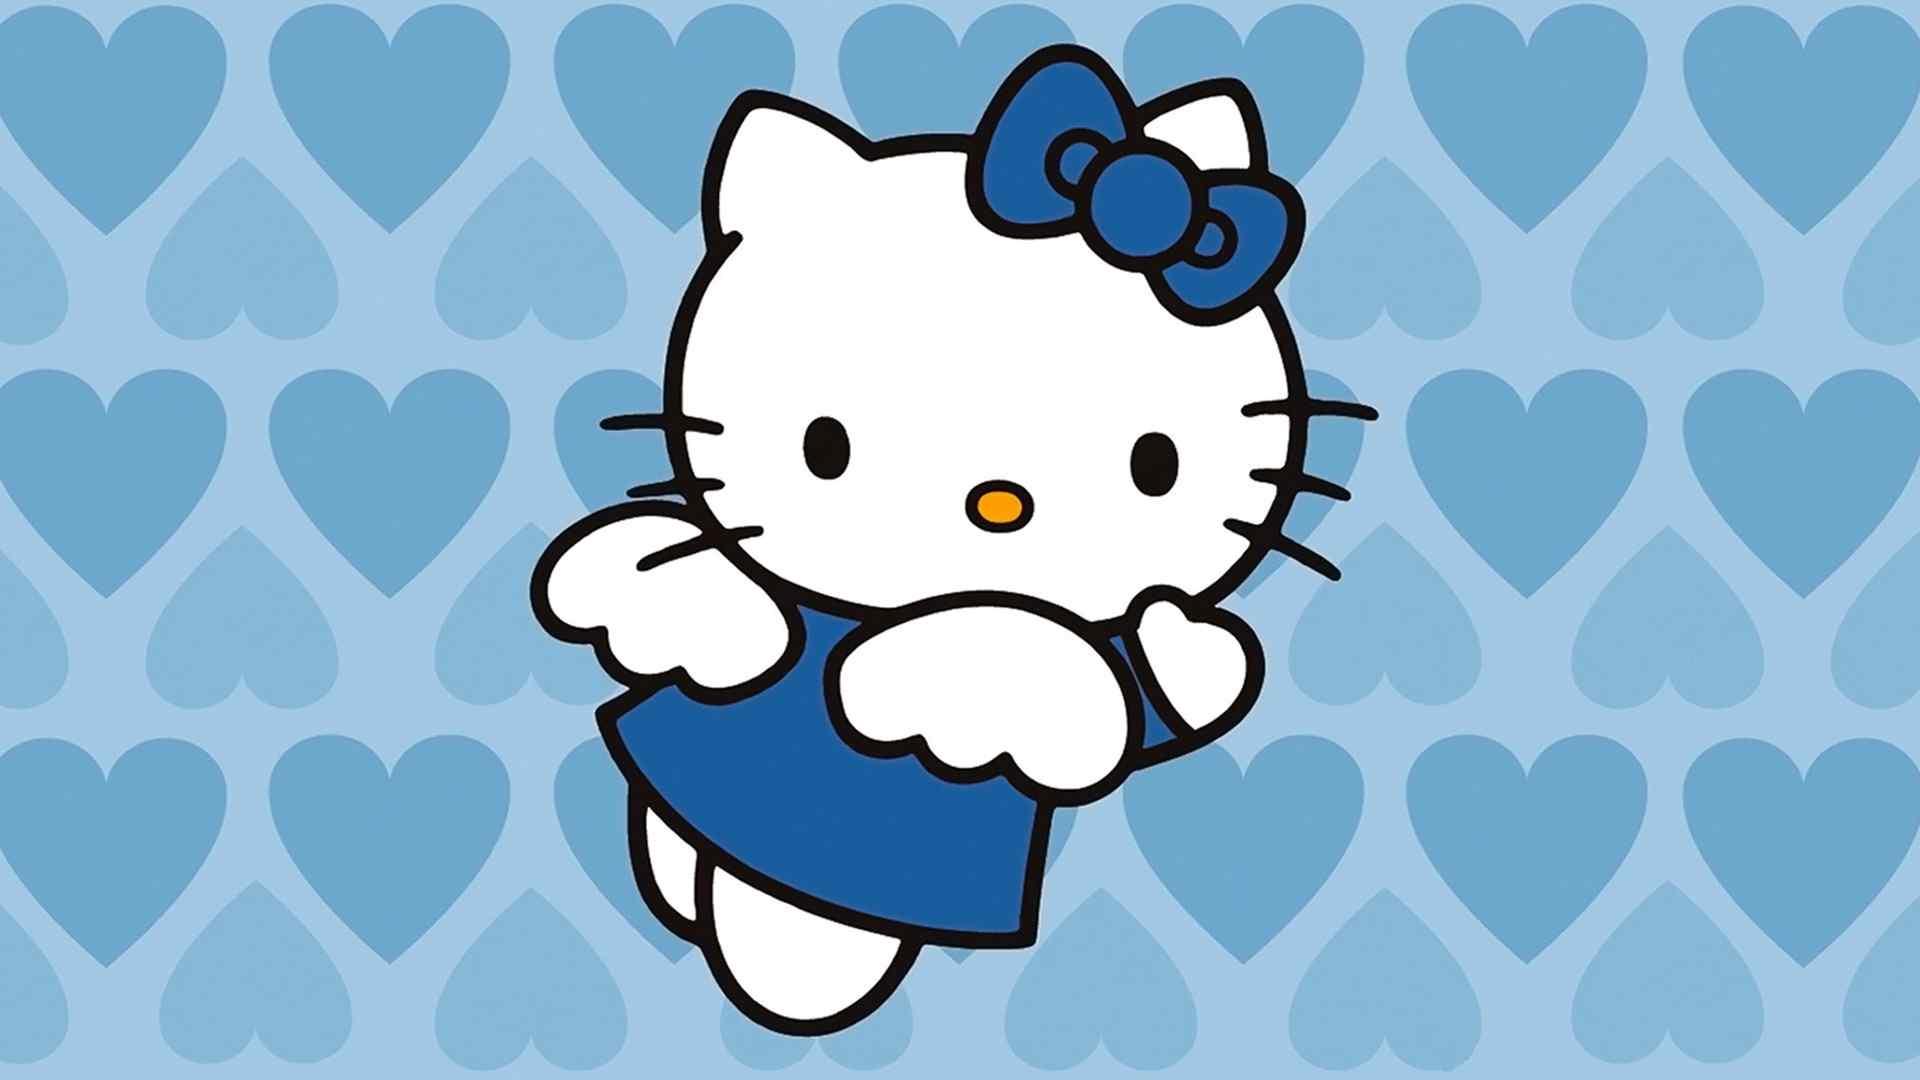 粉粉嫩嫩kitty猫超可爱萌物高清图片桌面壁纸